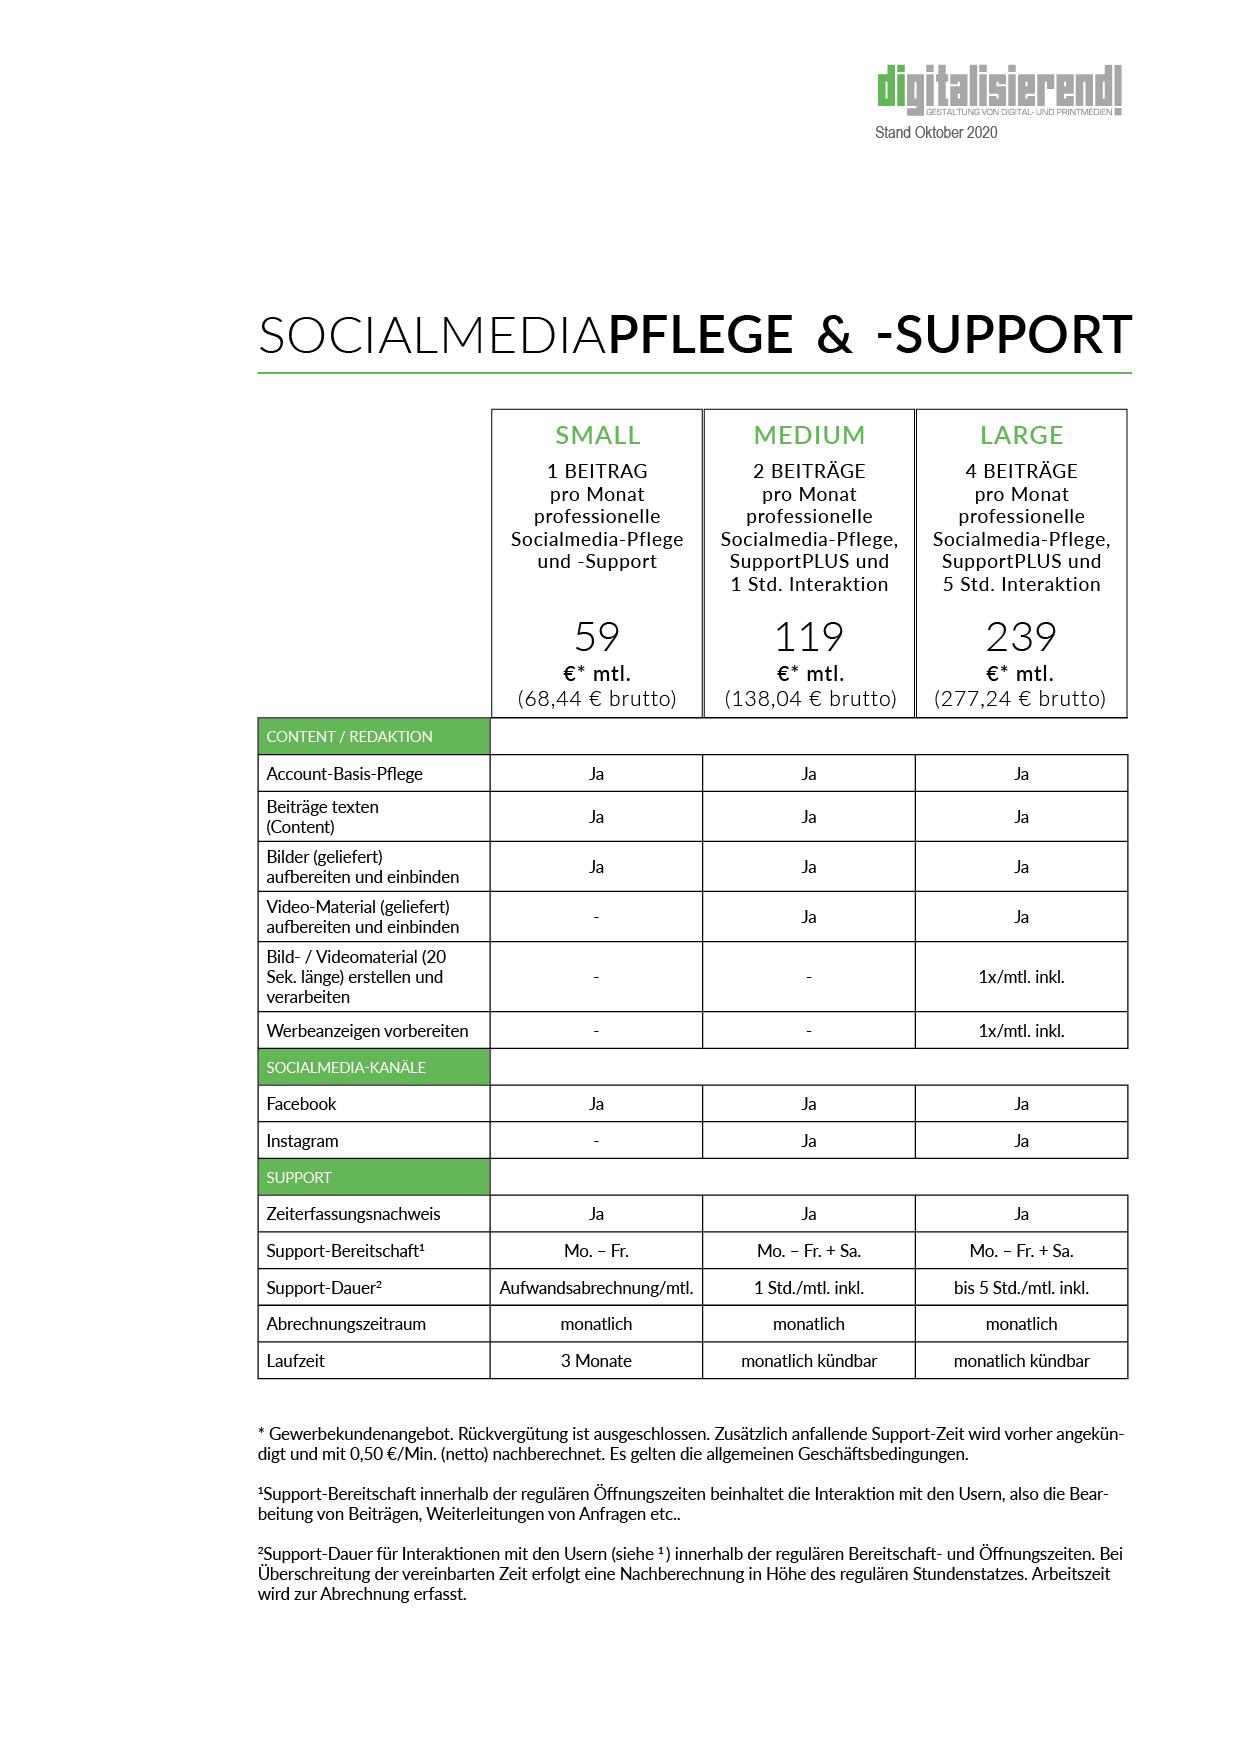 Social Media-Pflege & -Support - Preise und Leistungen 4